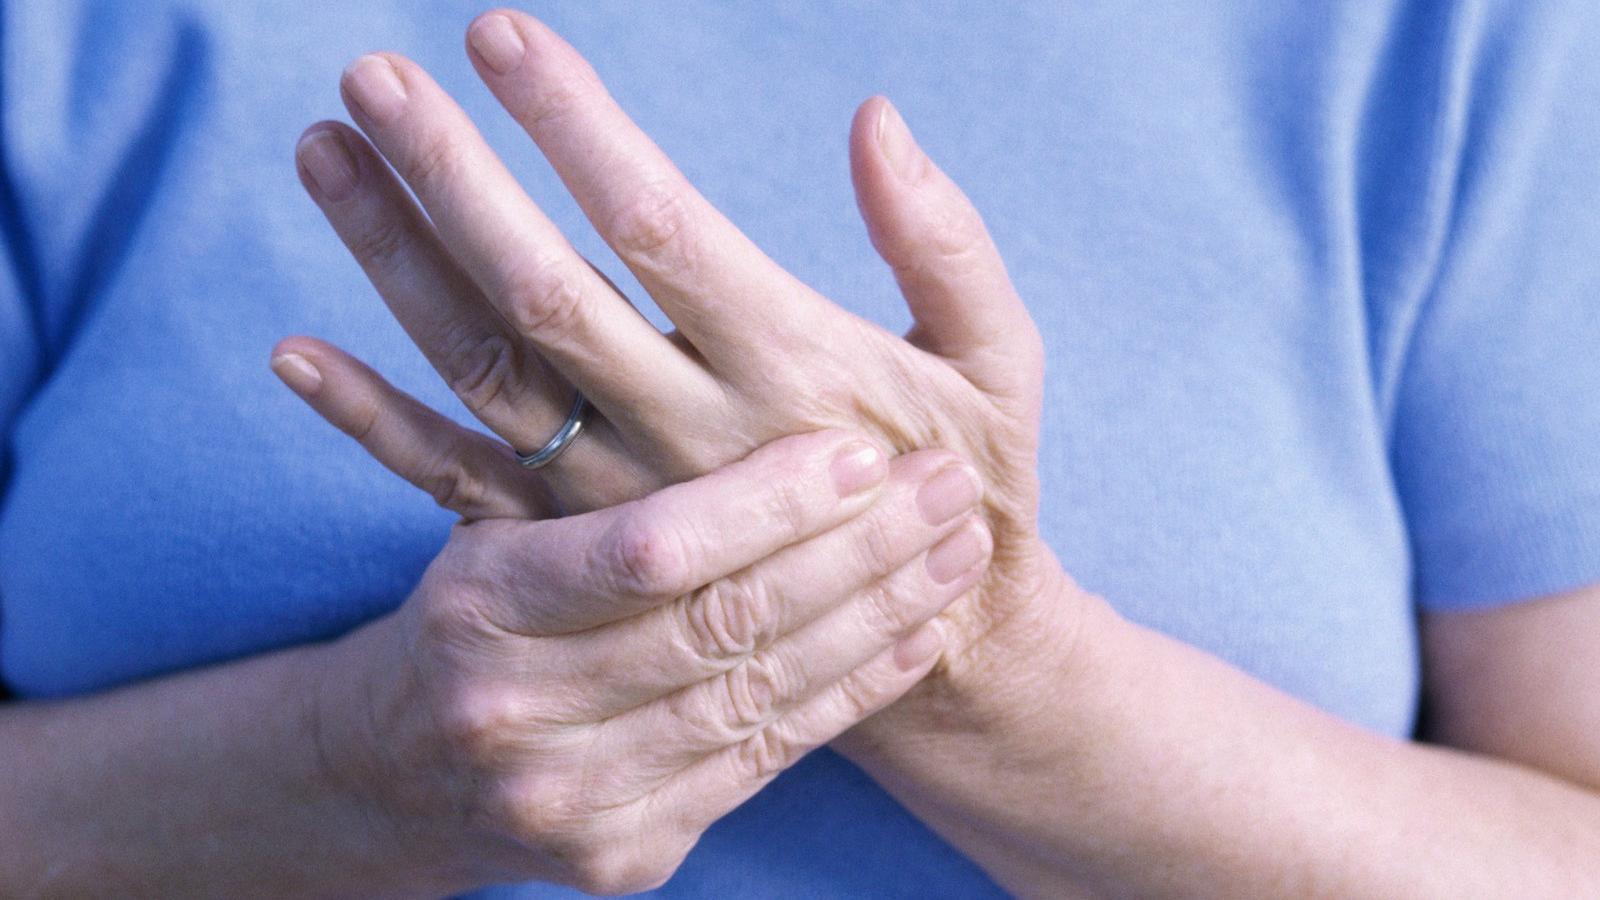 ízületek és kezek fájnak betegség után